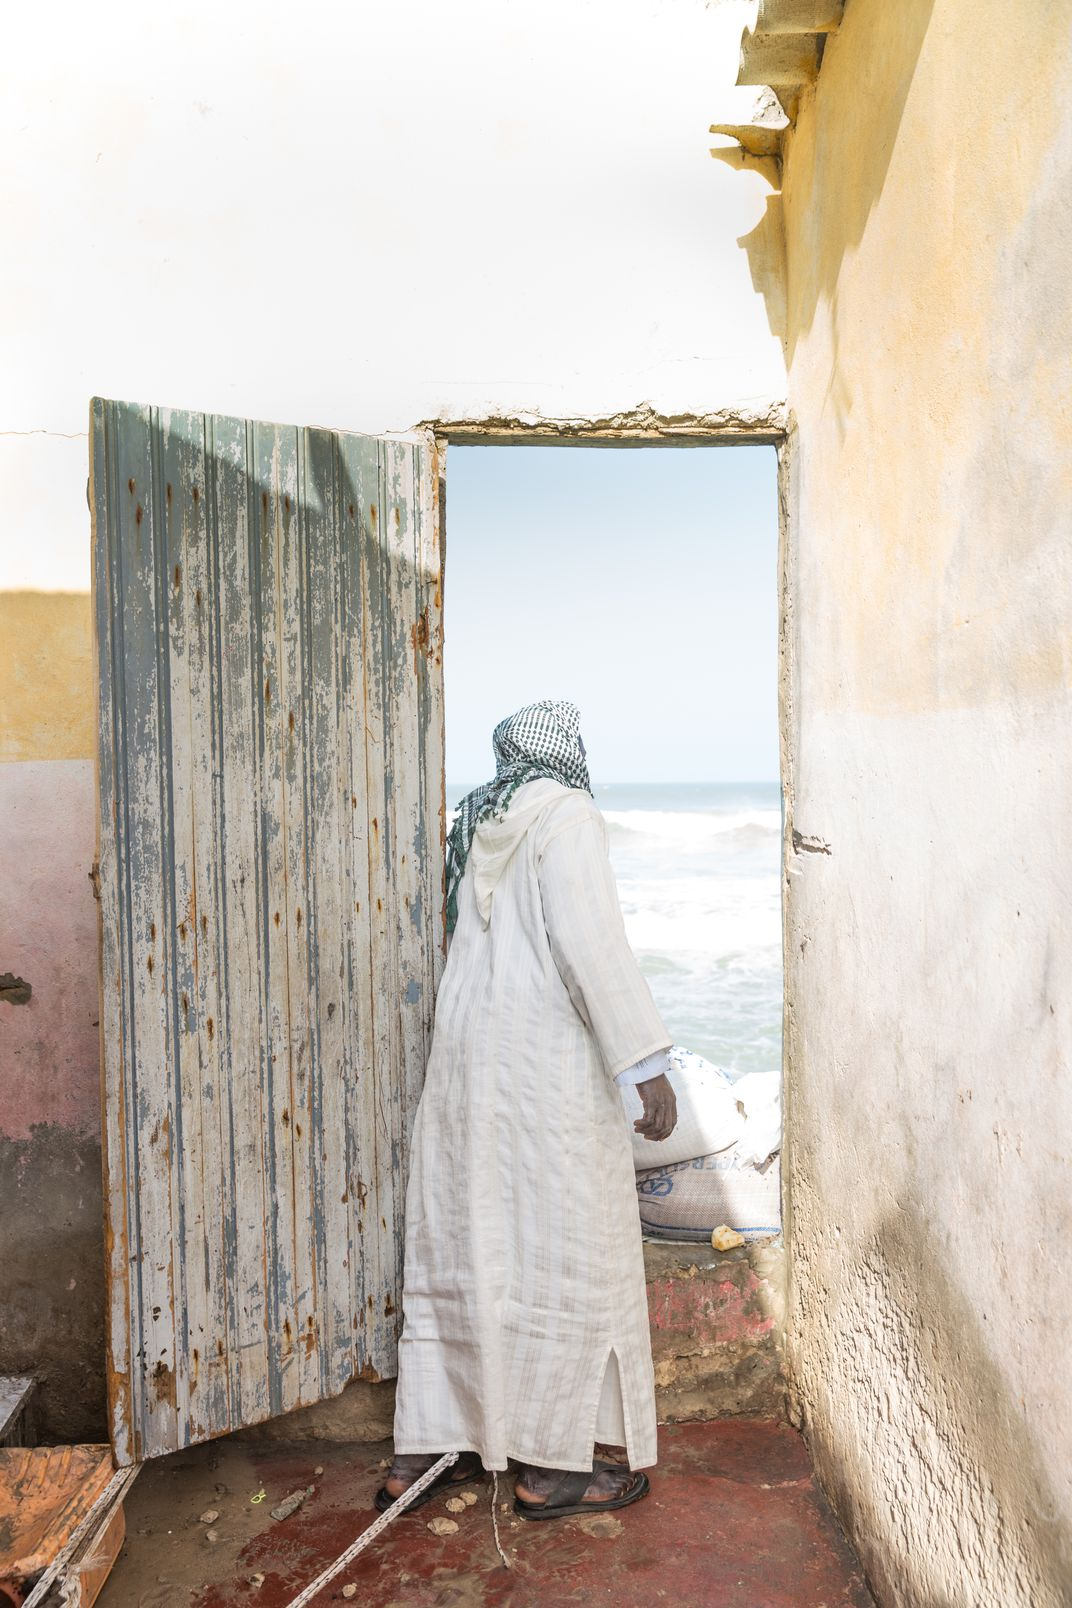 Грета Райбус, США / Greta Rybus, USA, Поддержка путешествия», Фотоконкурс Smithsonian Photo Contest